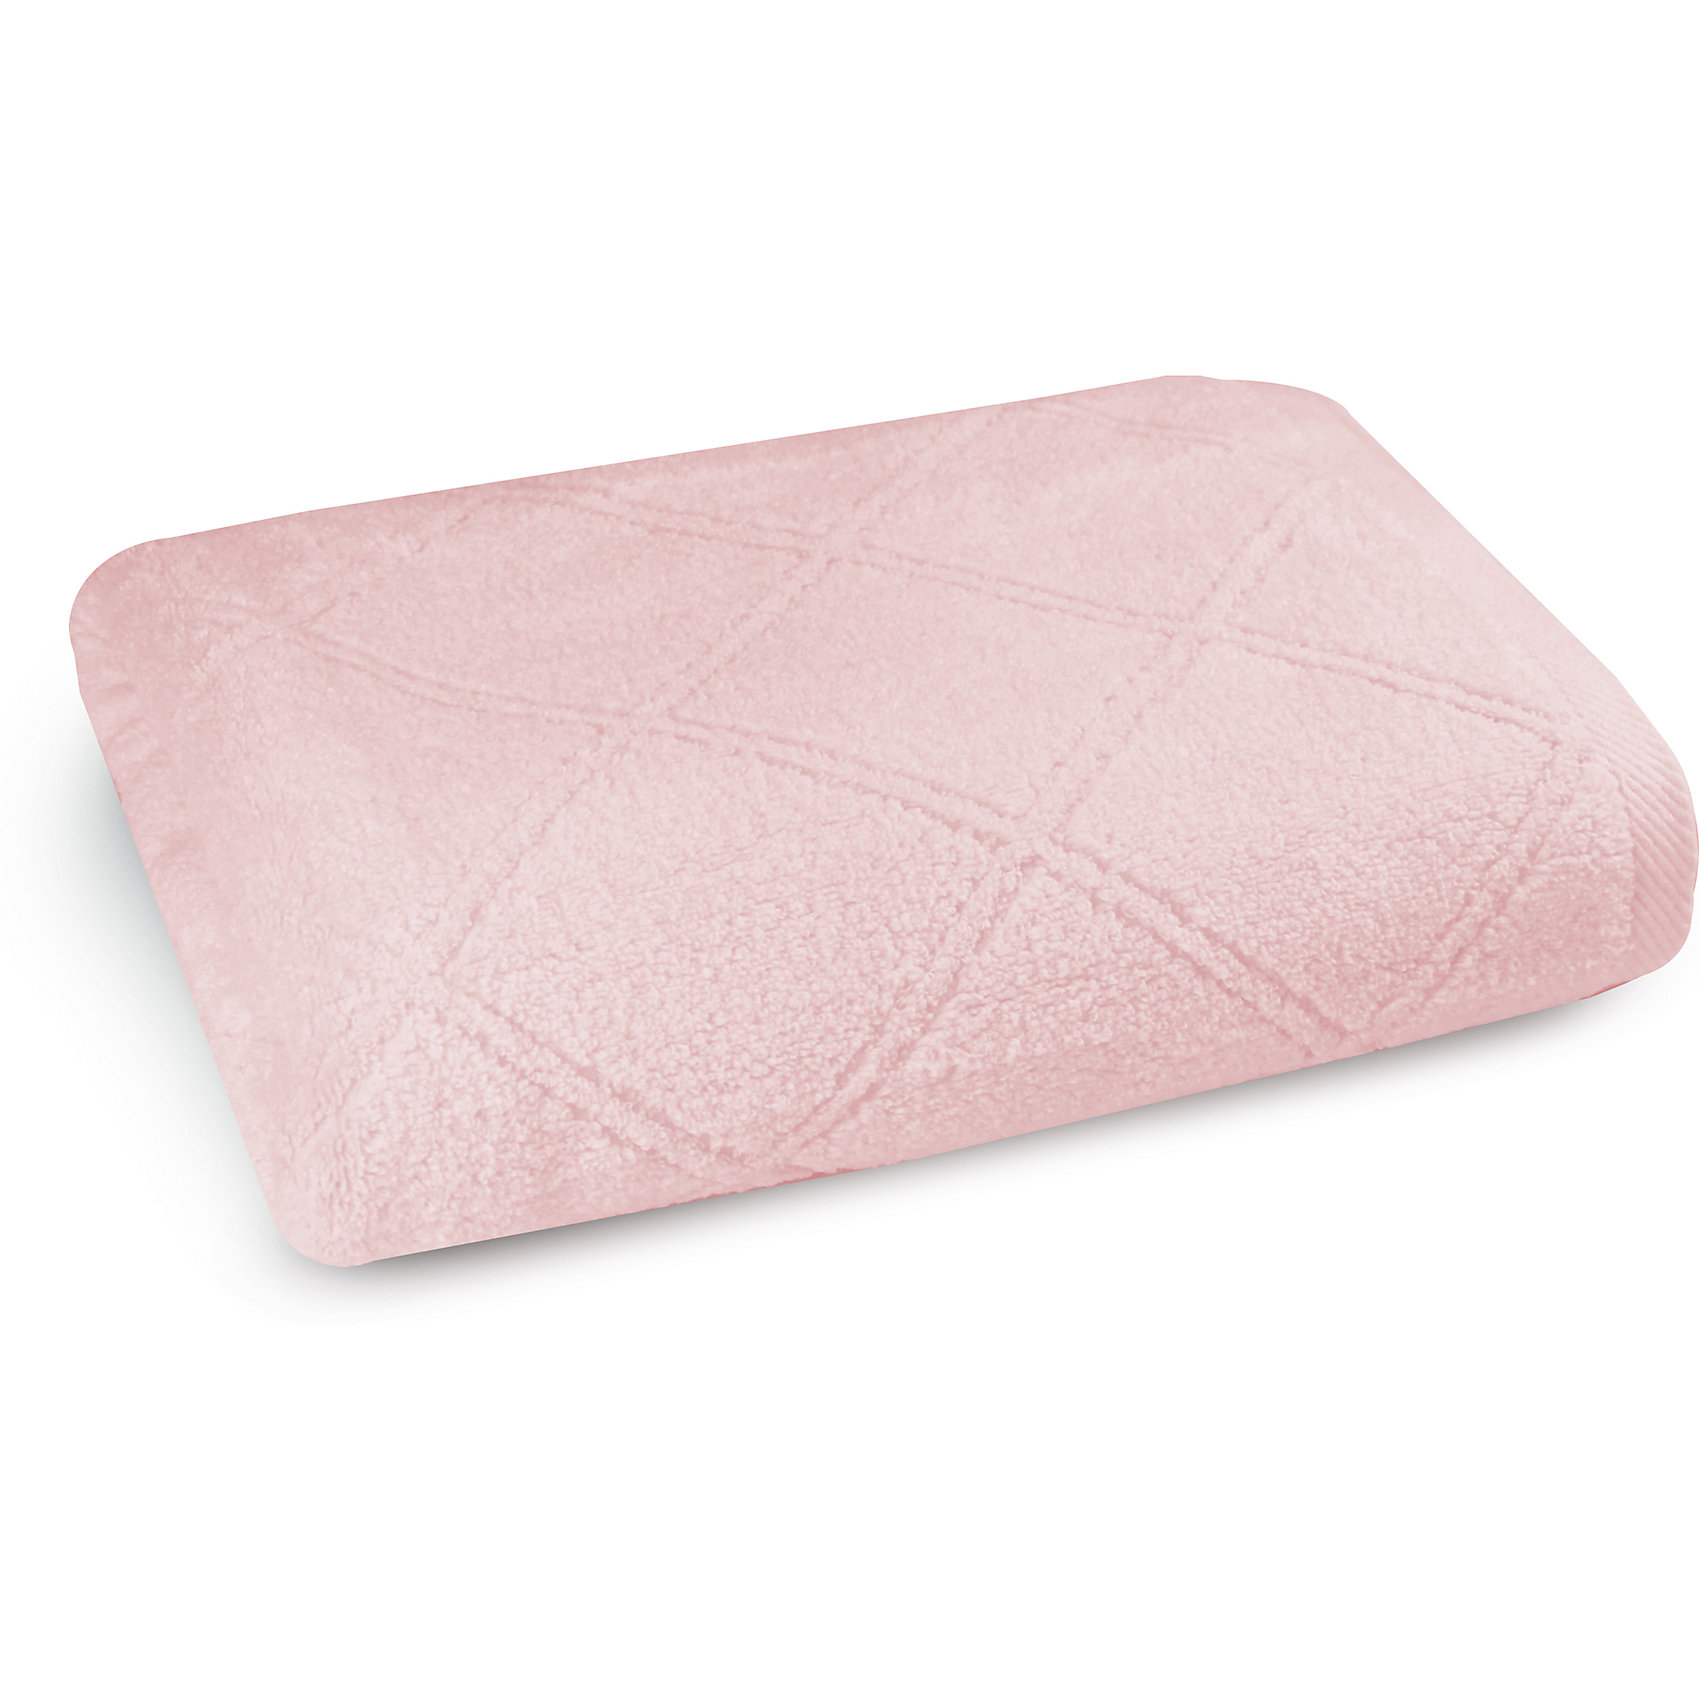 Полотенце махровое 30*70, Cozy Home, розовыйВанная комната<br>Полотенце махровое 30*70, Cozy Home (Кози Хоум), розовый<br><br>Характеристики:<br><br>• мягкое полотенце, приятное на ощупь<br>• хорошо впитывает влагу<br>• легко стирать<br>• материал: хлопок<br>• размер: 30х70 см<br>• цвет: розовый<br><br>Махровое полотенце от Cozy Home изготовлено из качественного хлопка. Волокна хлопка очень мягкие и приятные телу. Полотенце быстро впитает влагу, даря сухость и комфорт после водных процедур. Ко всему прочему, полотенце обладает высокой износостойкостью. Оно устойчиво к деформации, выцветанию и прекрасно сохраняет свой цвет после стирок. Полотенце имеет однотонную расцветку, дополненную узором с ромбами.<br><br>Полотенце махровое 30*70, Cozy Home (Кози Хоум), розовый вы можете купить в нашем интернет-магазине.<br><br>Ширина мм: 150<br>Глубина мм: 250<br>Высота мм: 150<br>Вес г: 150<br>Возраст от месяцев: 0<br>Возраст до месяцев: 216<br>Пол: Женский<br>Возраст: Детский<br>SKU: 5355278